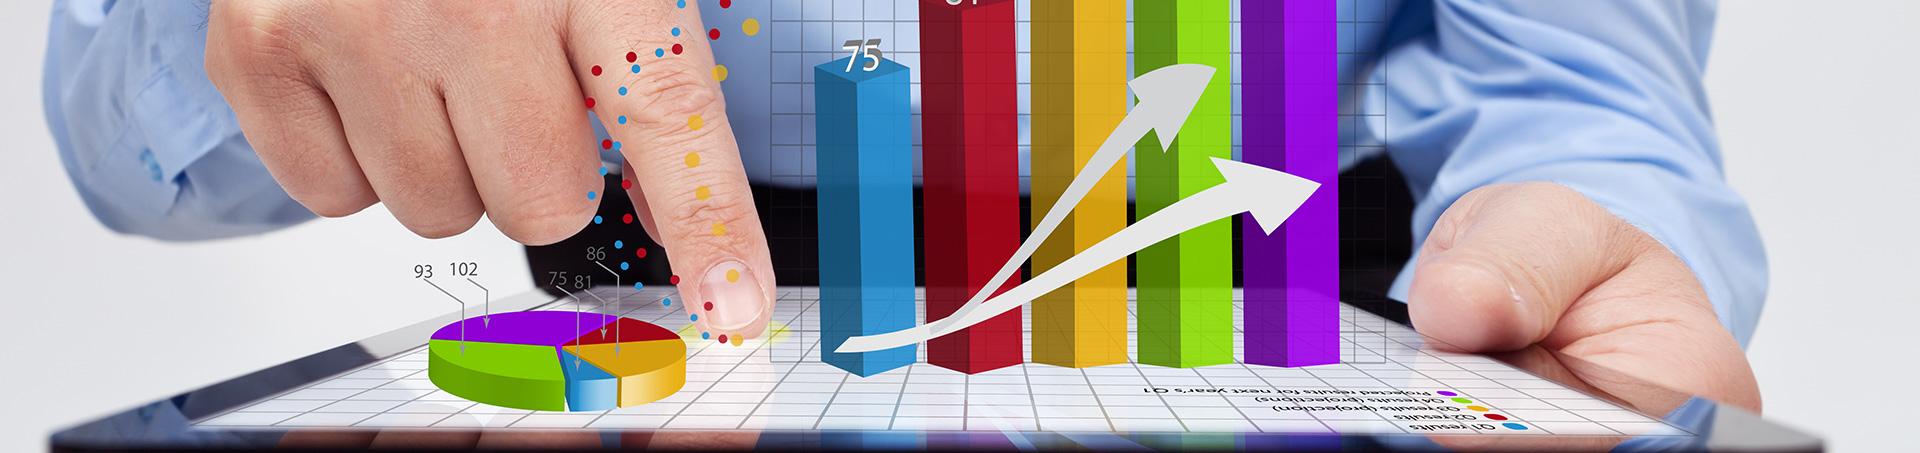 Tradurre i dati aziendali in conoscenza: i vantaggi della Business Intelligence